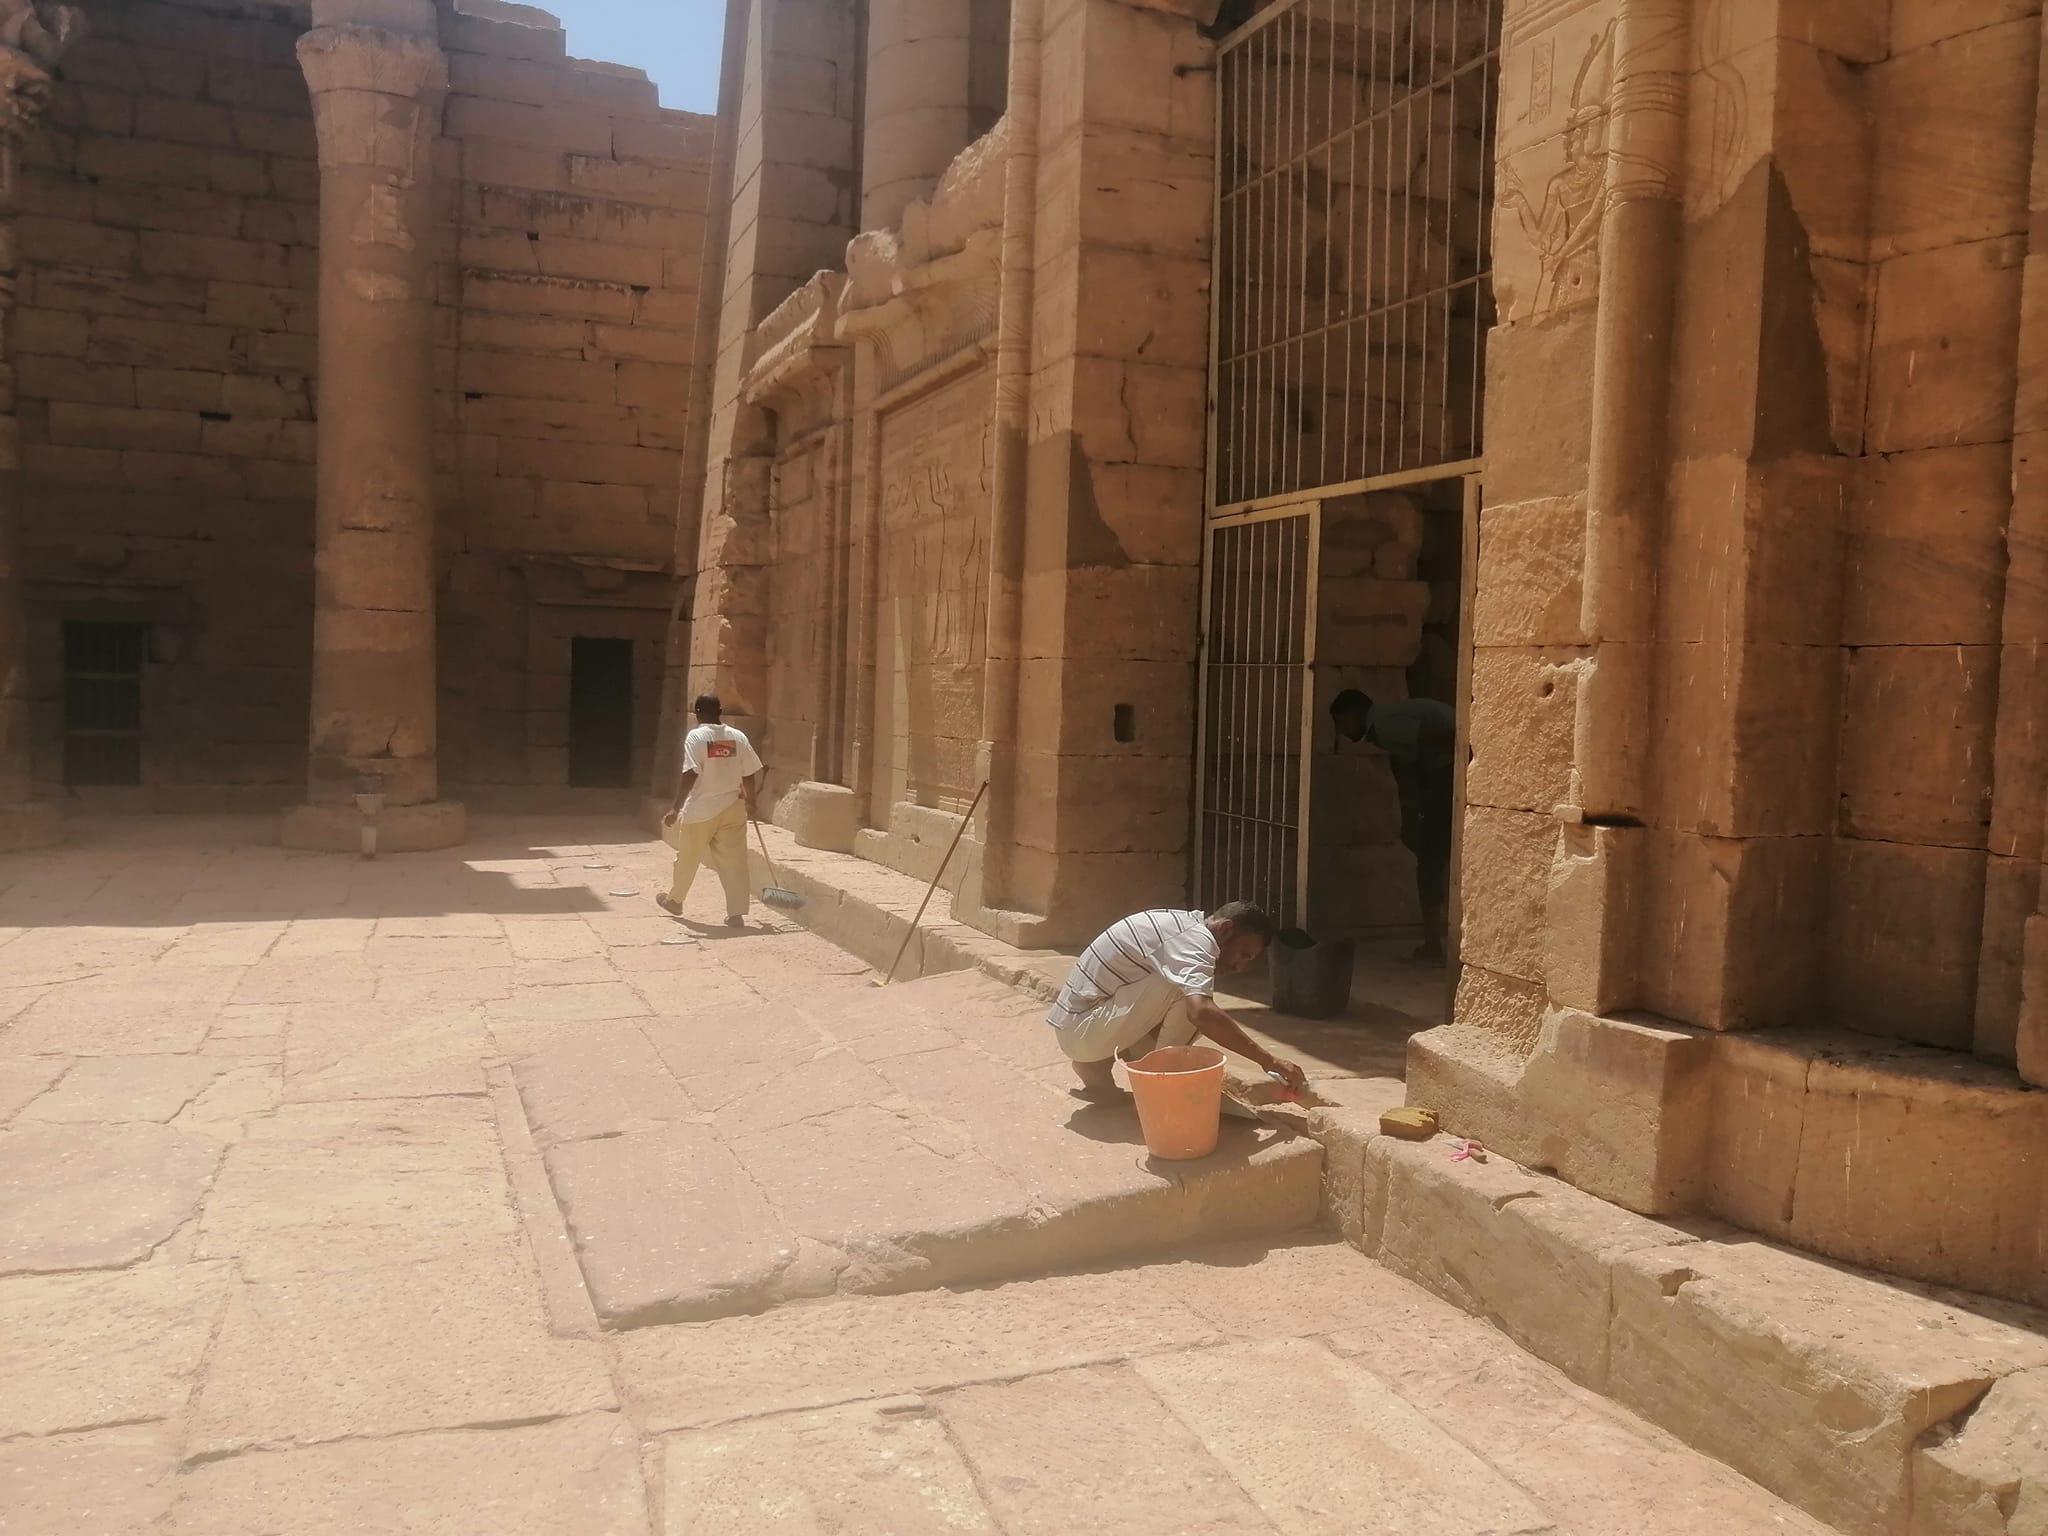 ترميم وصيانة المعابد قبل الموسم السياحى بأسوان (5)